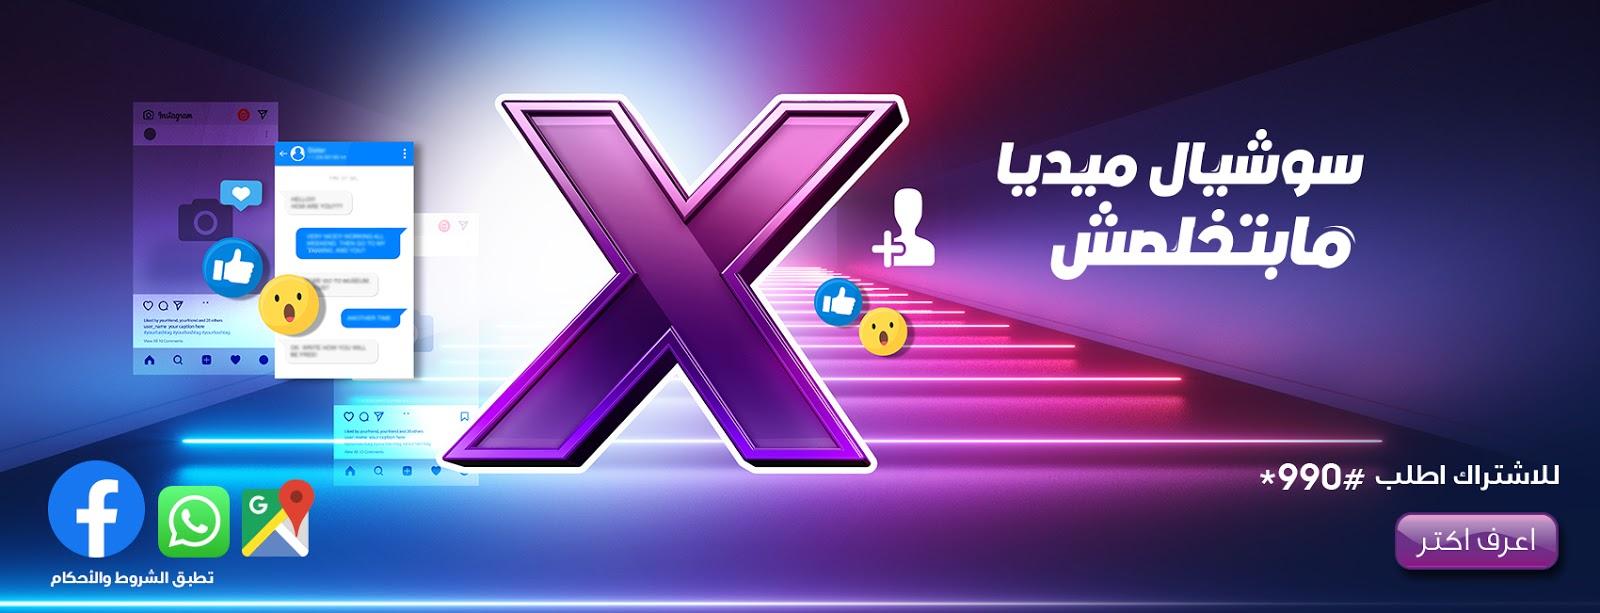 تفاصيل باقة اكس بلس X Plus من وي we مصر 2020